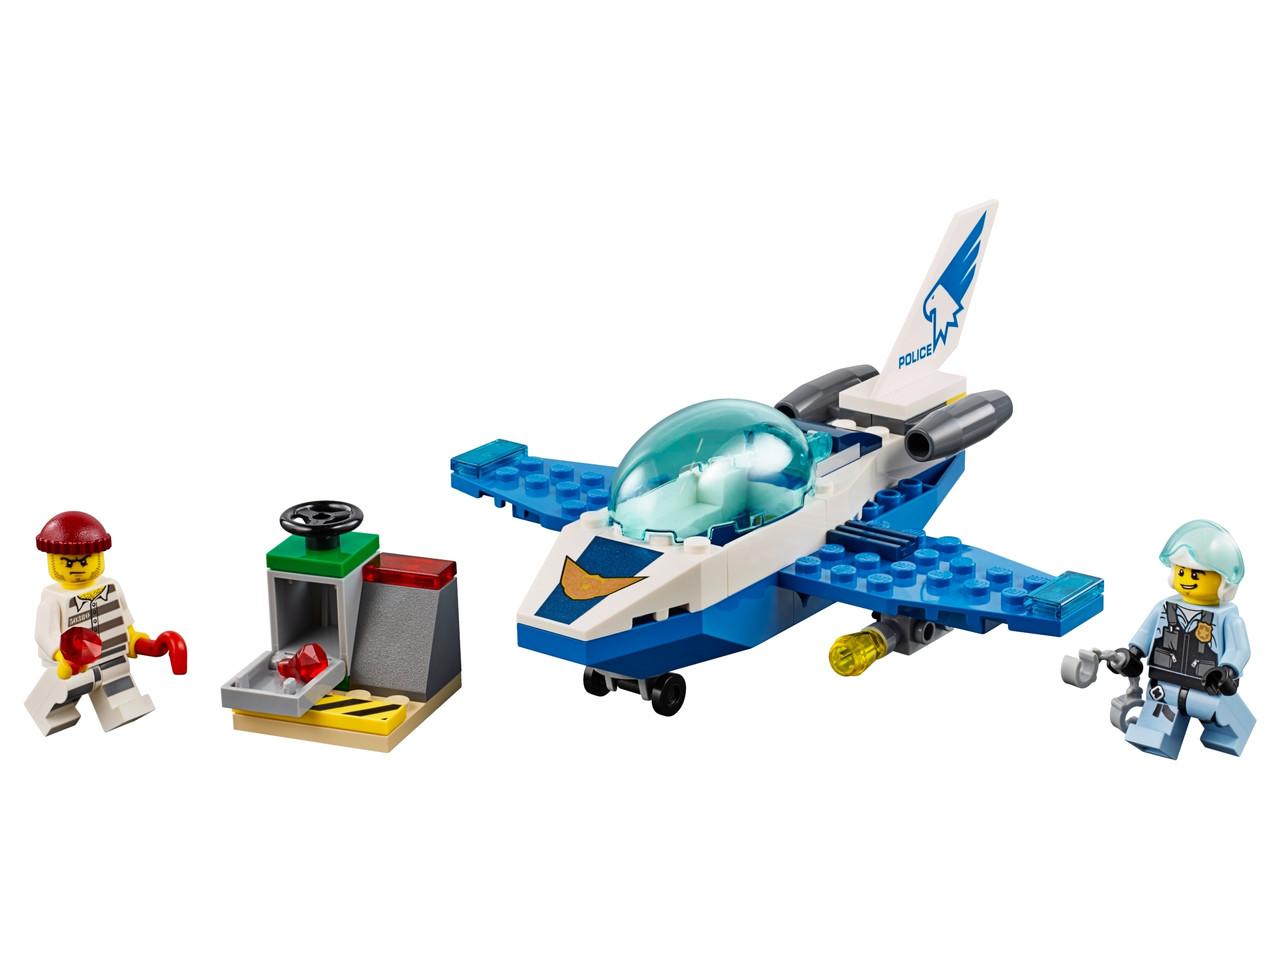 Конструктор LEGO Патрульный самолет 54 деталей (60206)